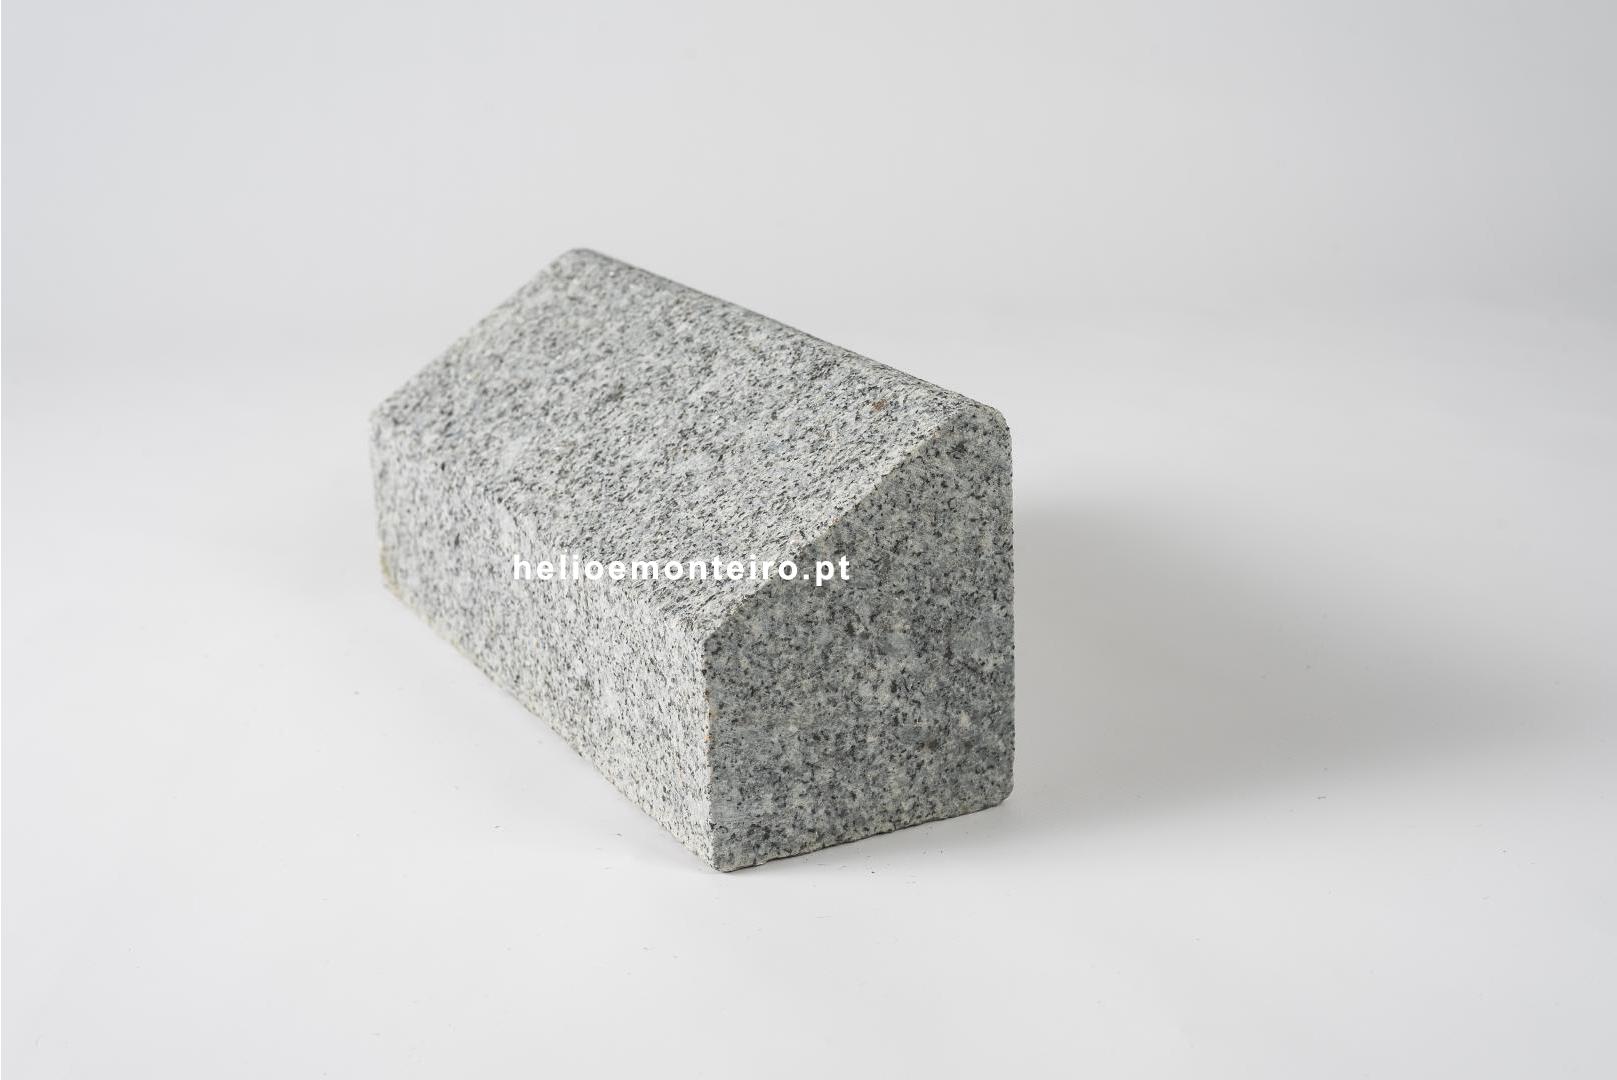 lancil-granito-cinza-com-gaive-e-boleado-acabamento-flamejado-helio-monteiro-5257